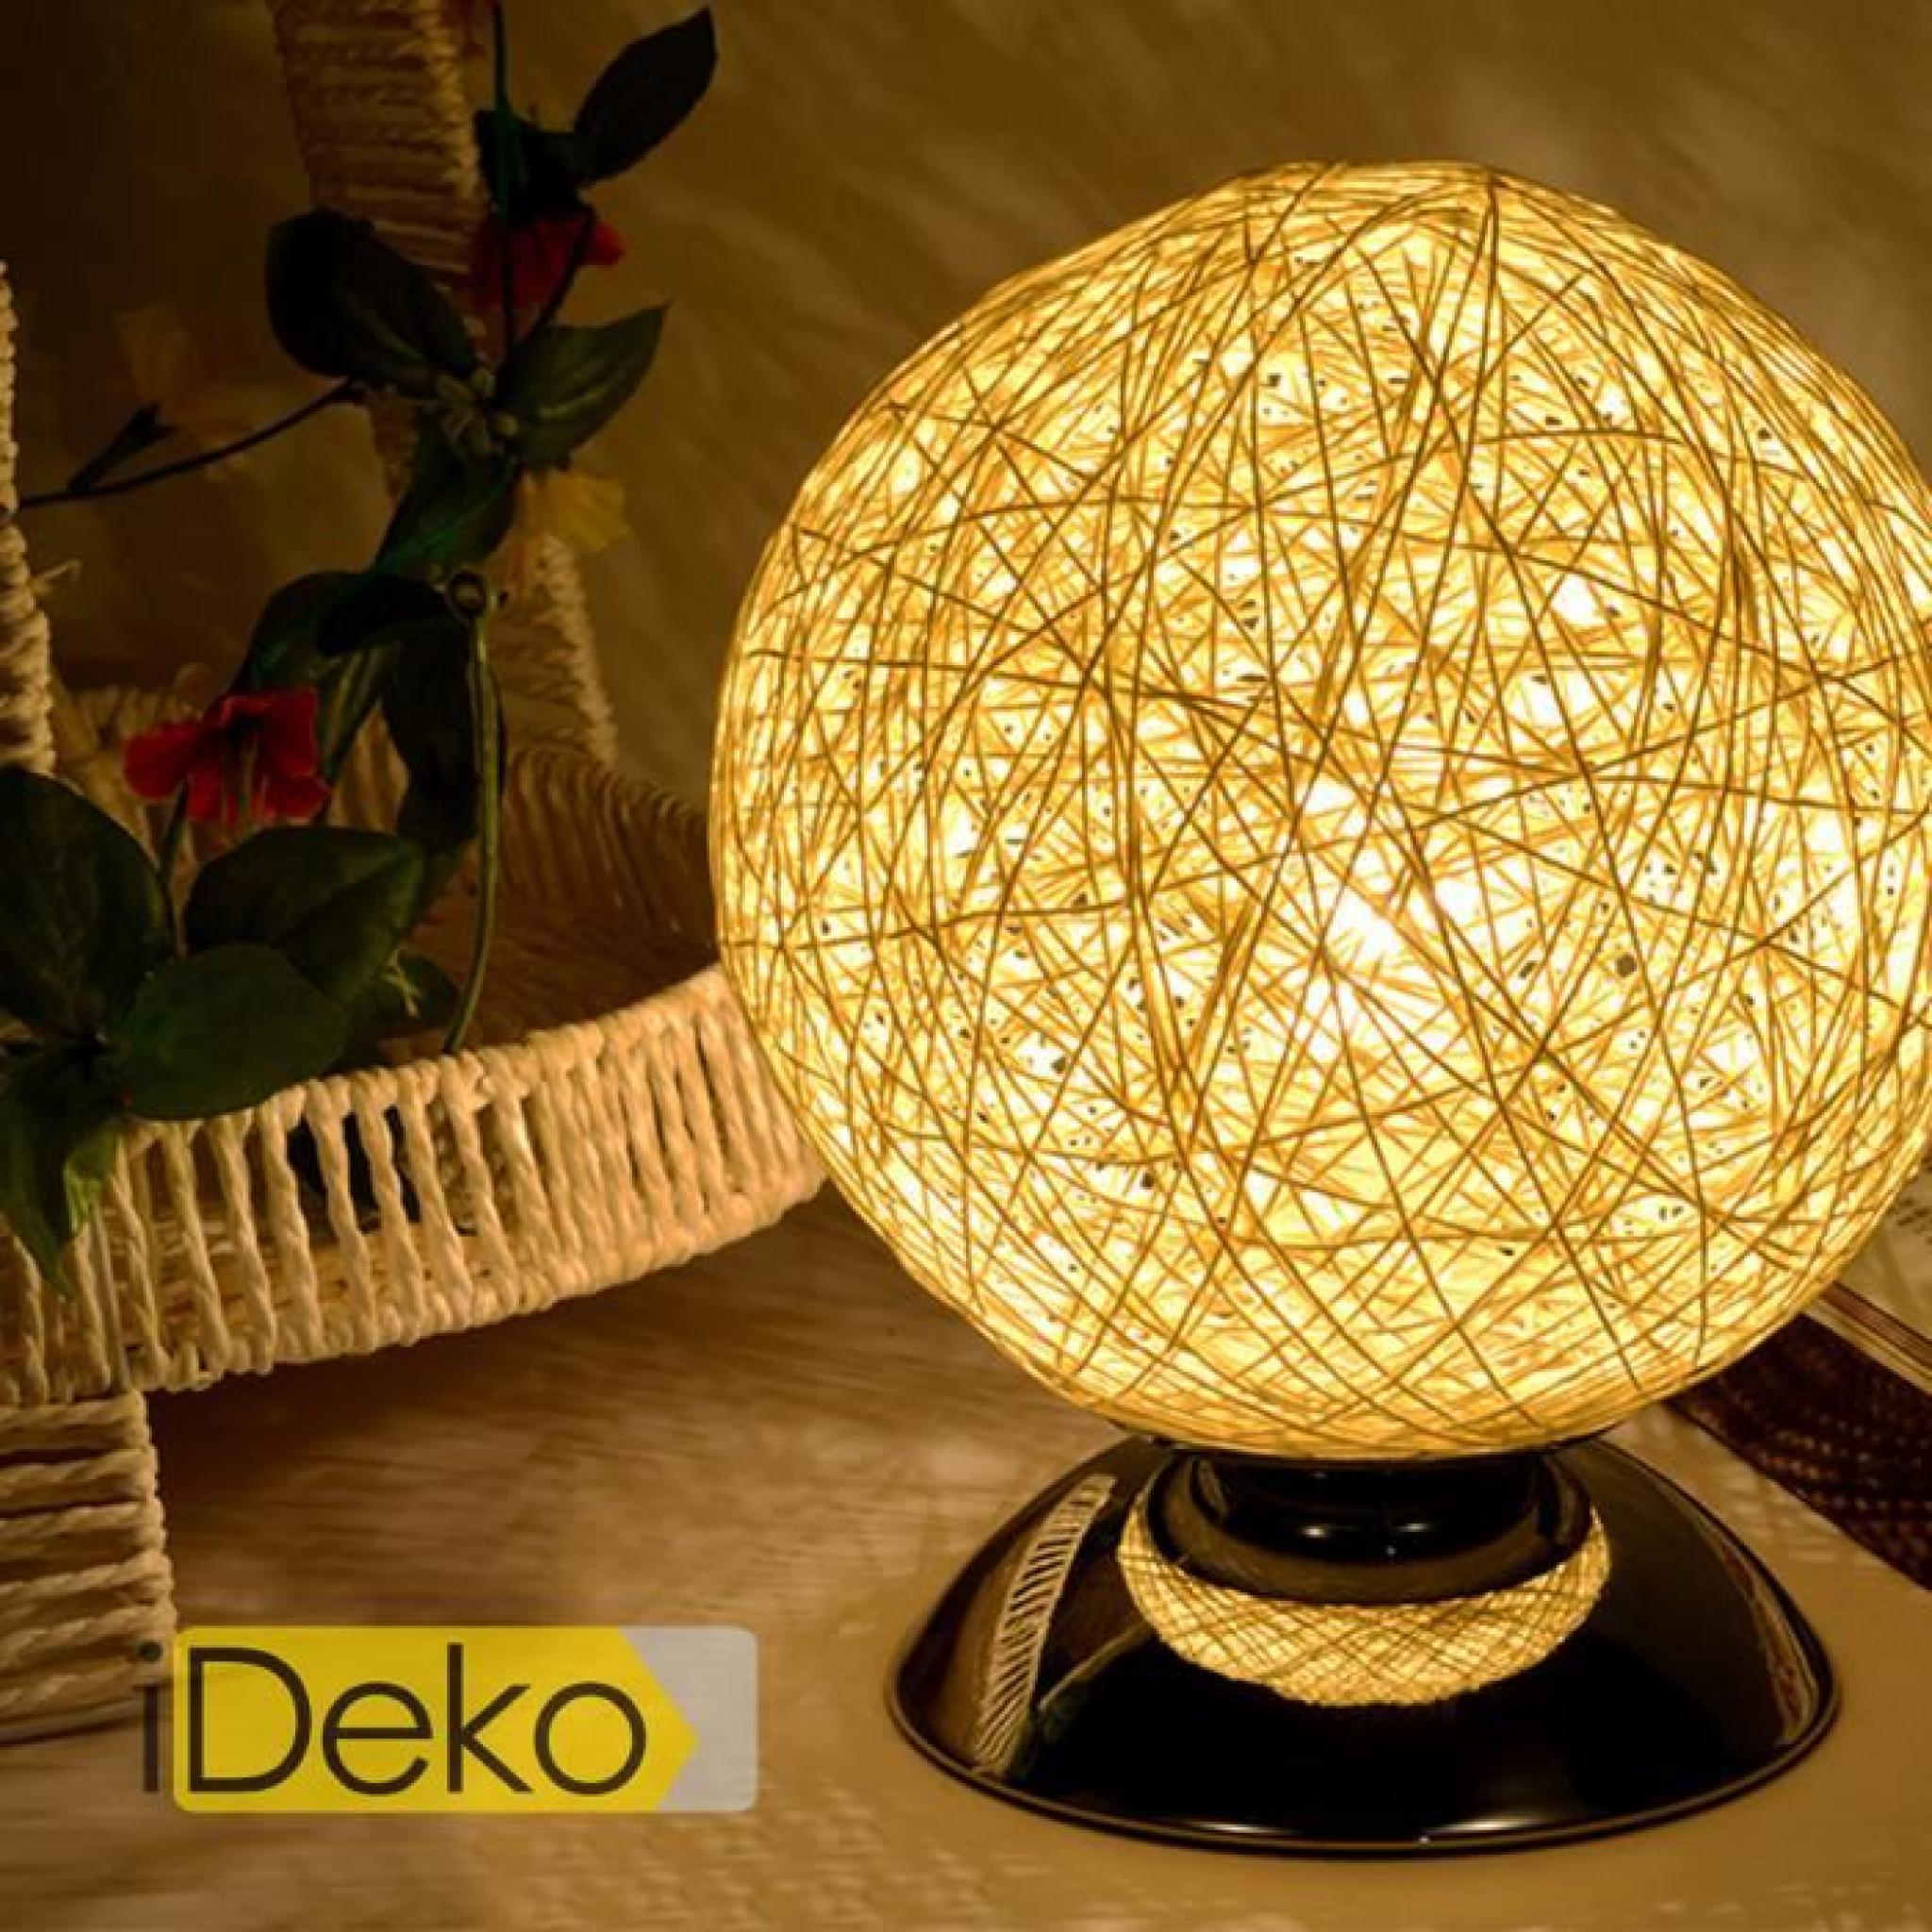 Ideko® Nordique Bureau Lampe Bois Art Unique À Table En Chevet Suspension Poser Design N80wmvn